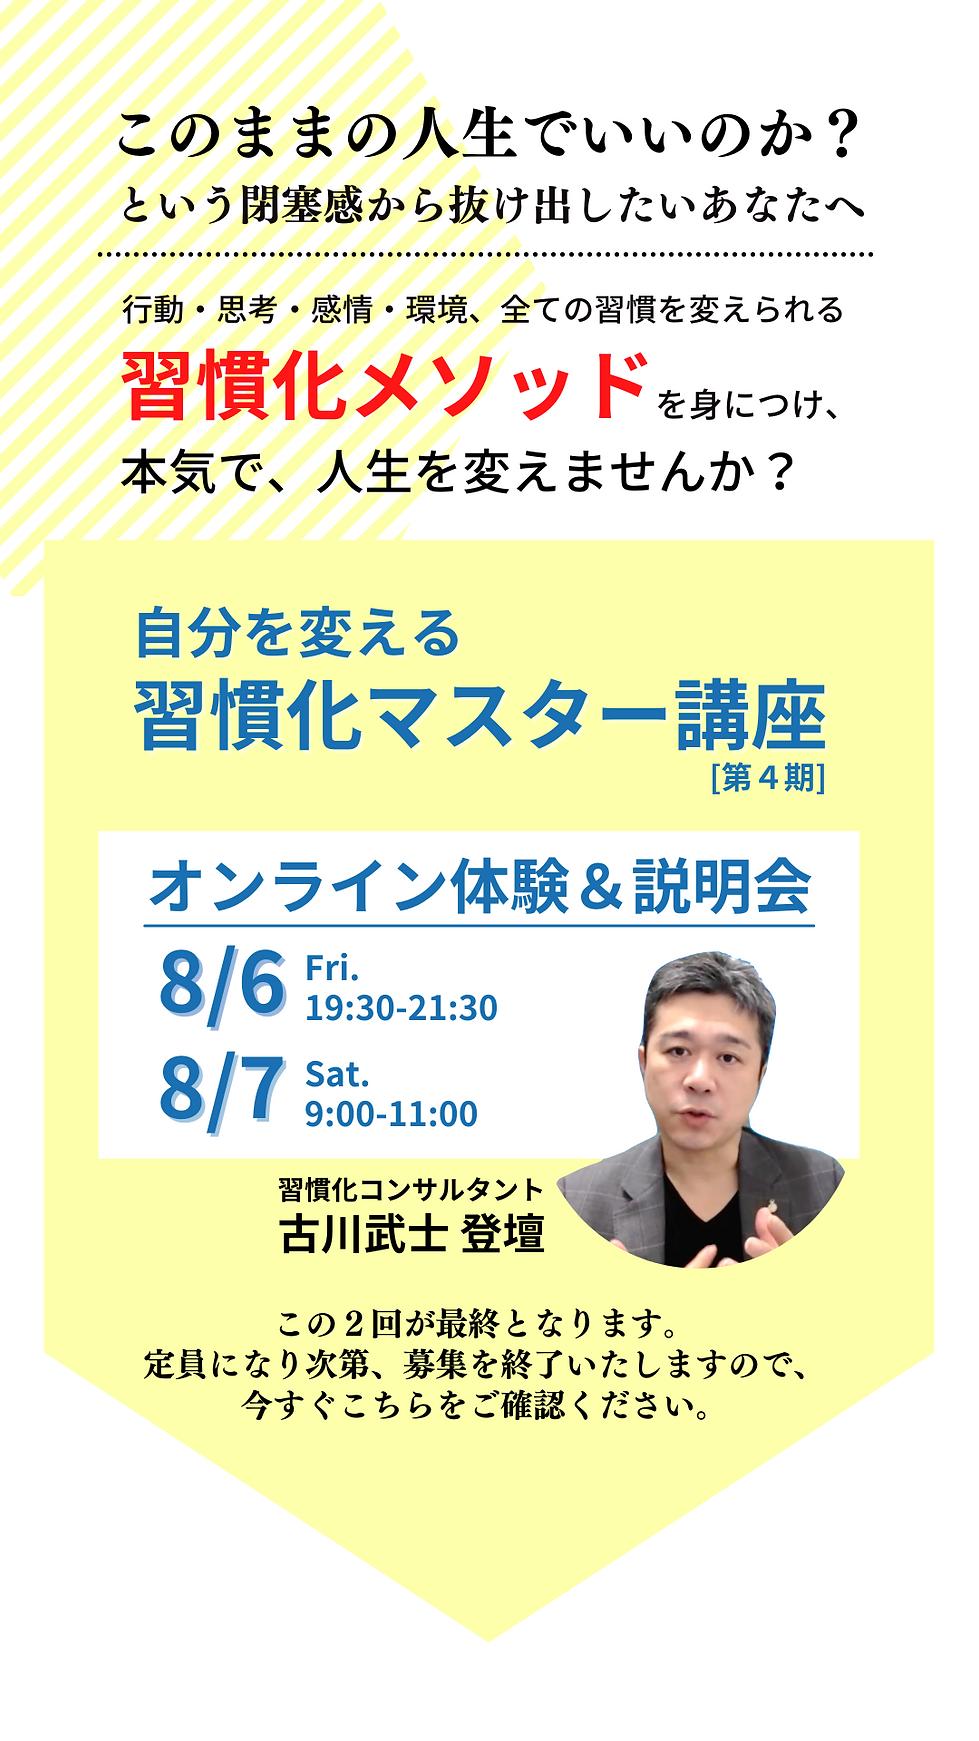 習慣化マスター講座 (2).png